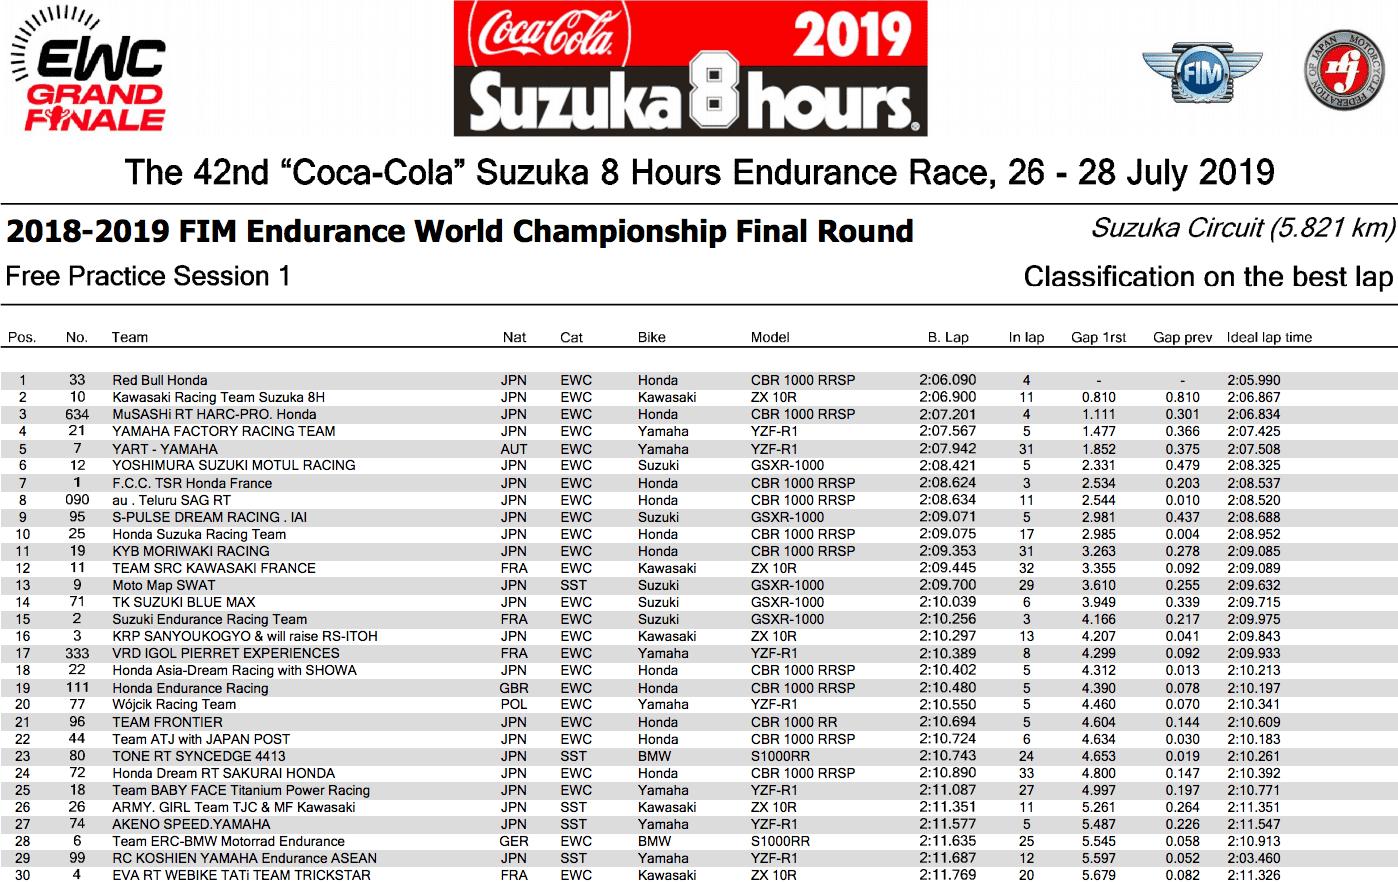 鈴鹿8耐 2019 フリープラクティス結果